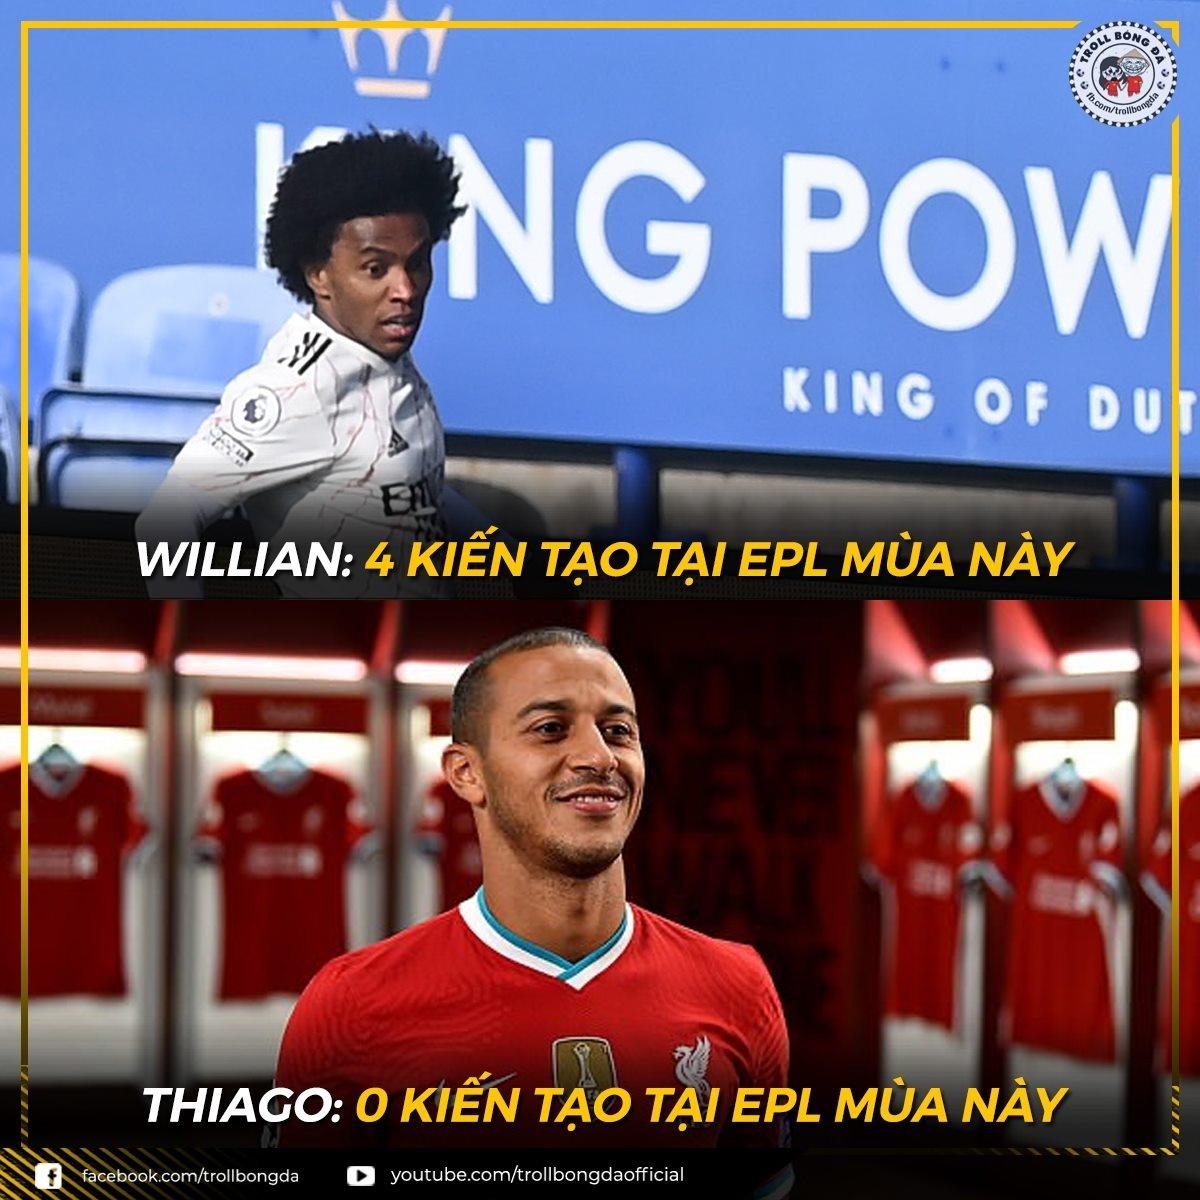 """Willian """"vượt trội"""" Thiago bất chấp nhận nhiều chỉ trích từ đầu mùa giải. (Ảnh: Troll bóng đá)."""